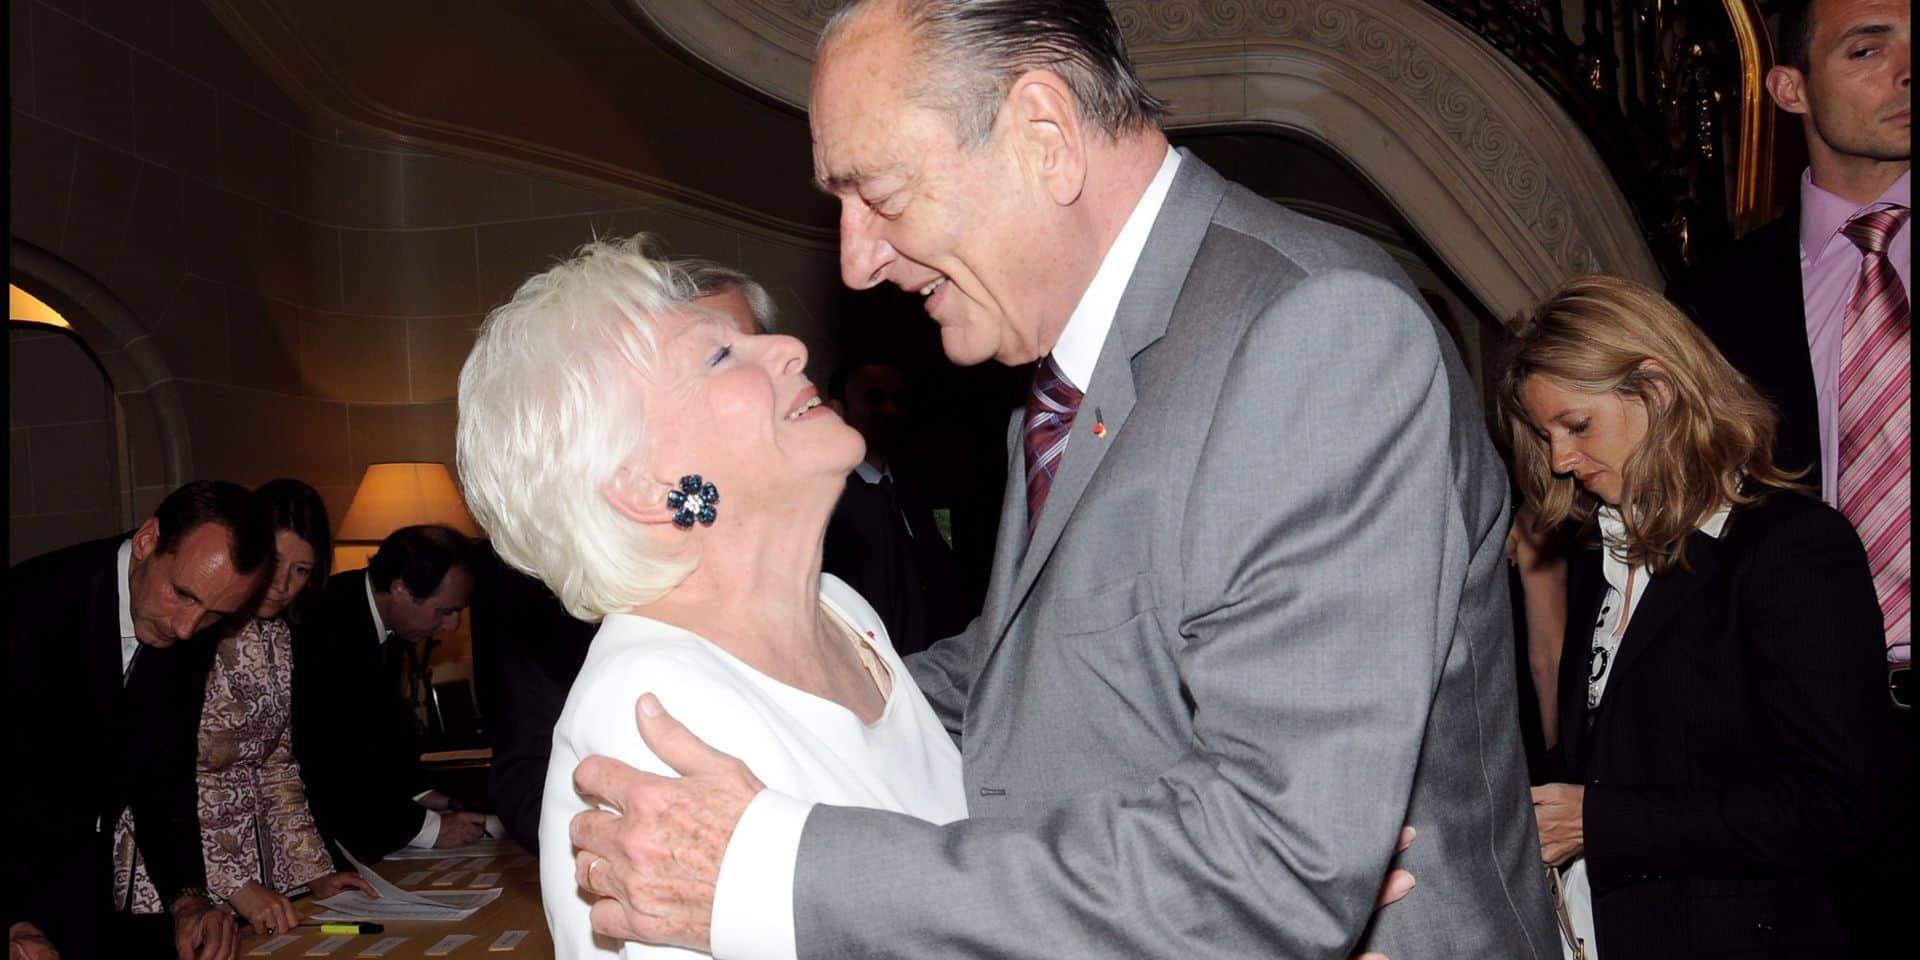 """Les larmes de Line Renaud en plein direct sur BFMTV suite à la mort de Jacques Chirac: """"C'est comme si je perdais un frère"""""""